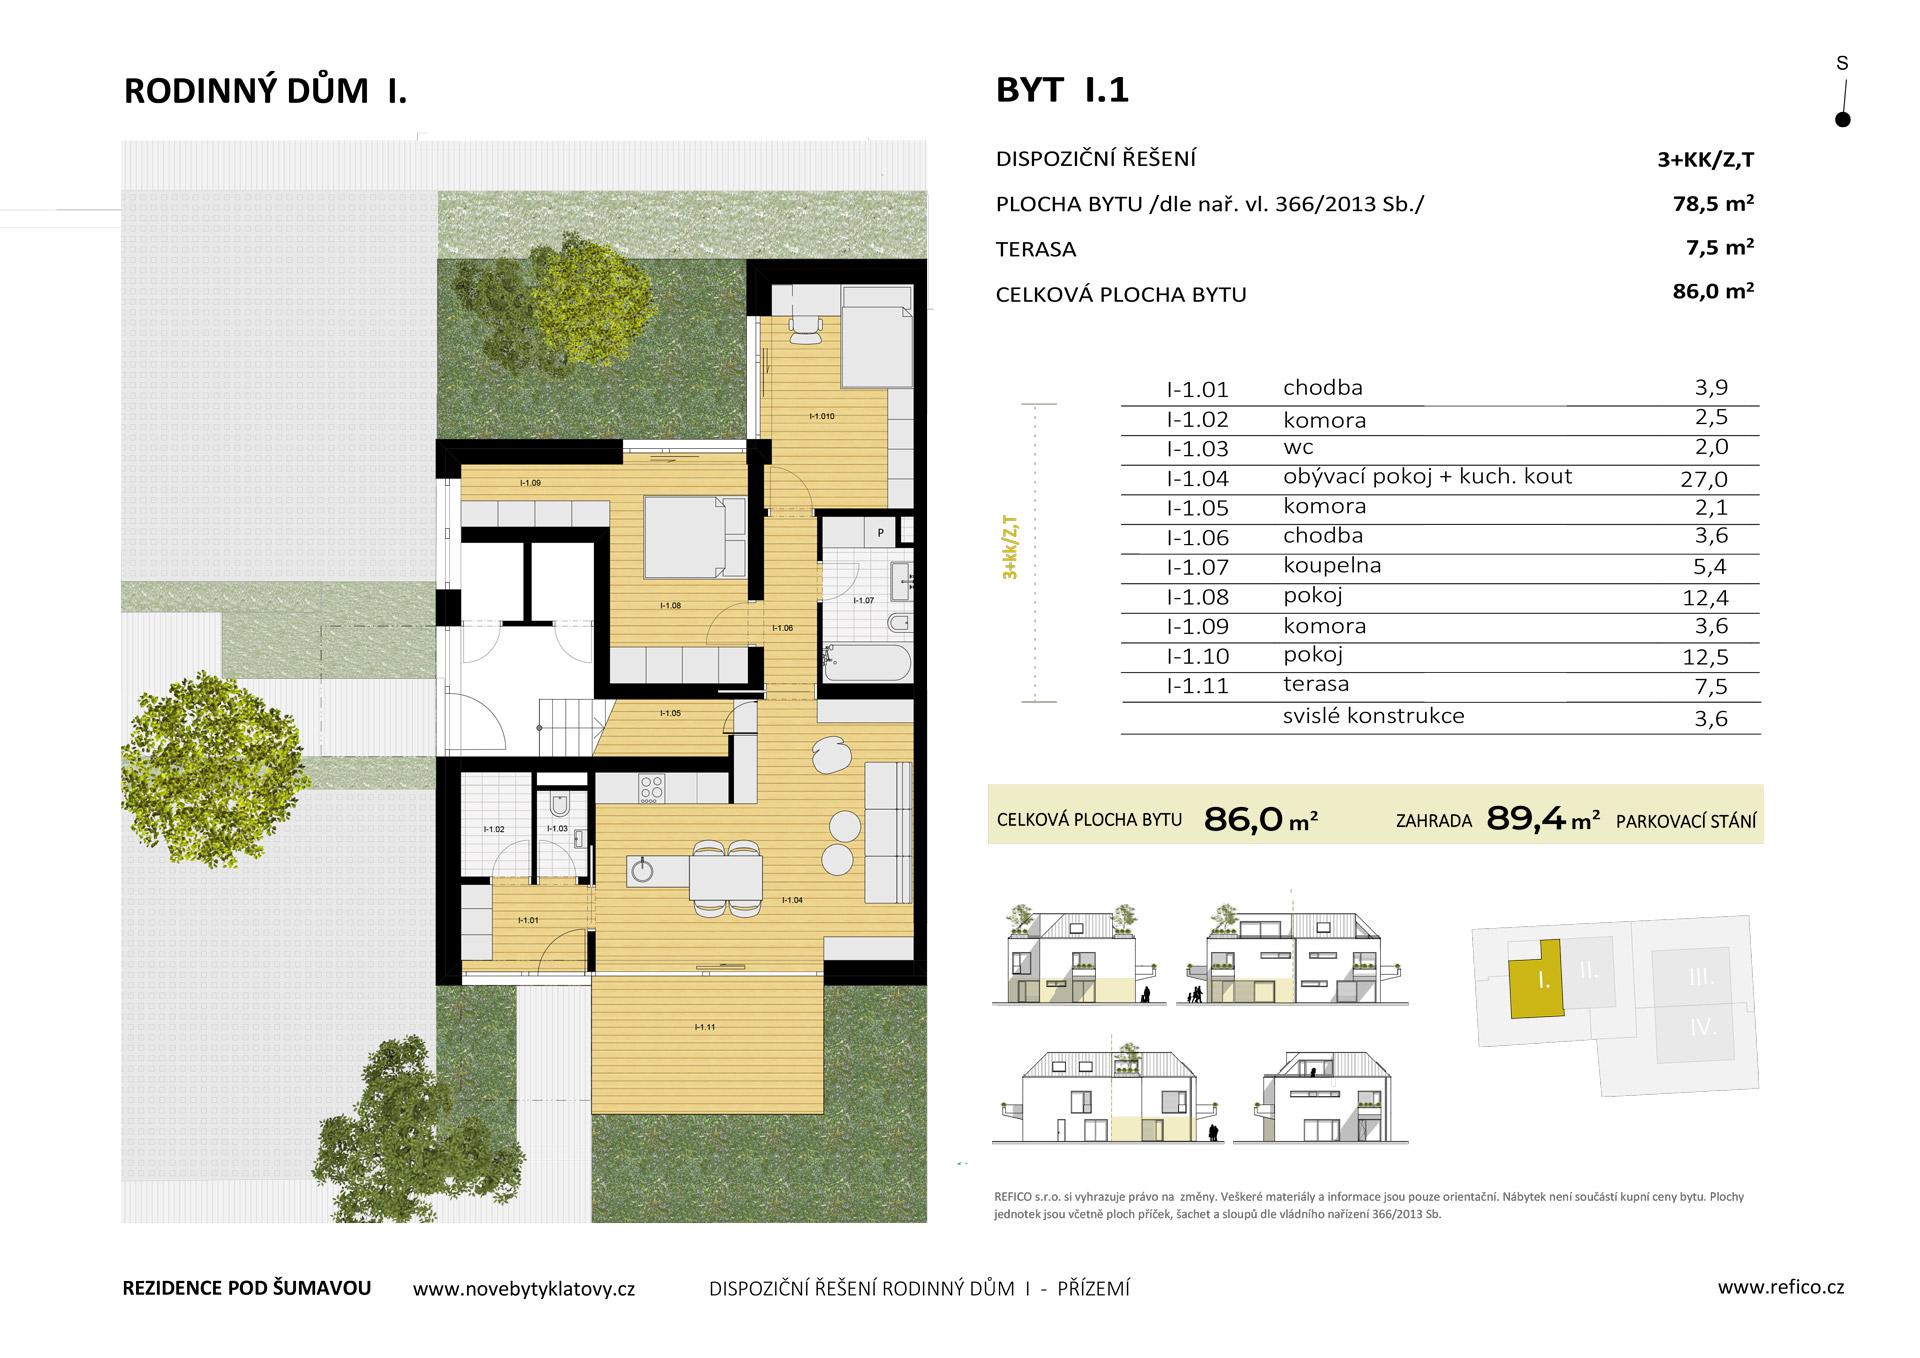 Dům I., byt 1, přízemí, 3+KK/Z,T